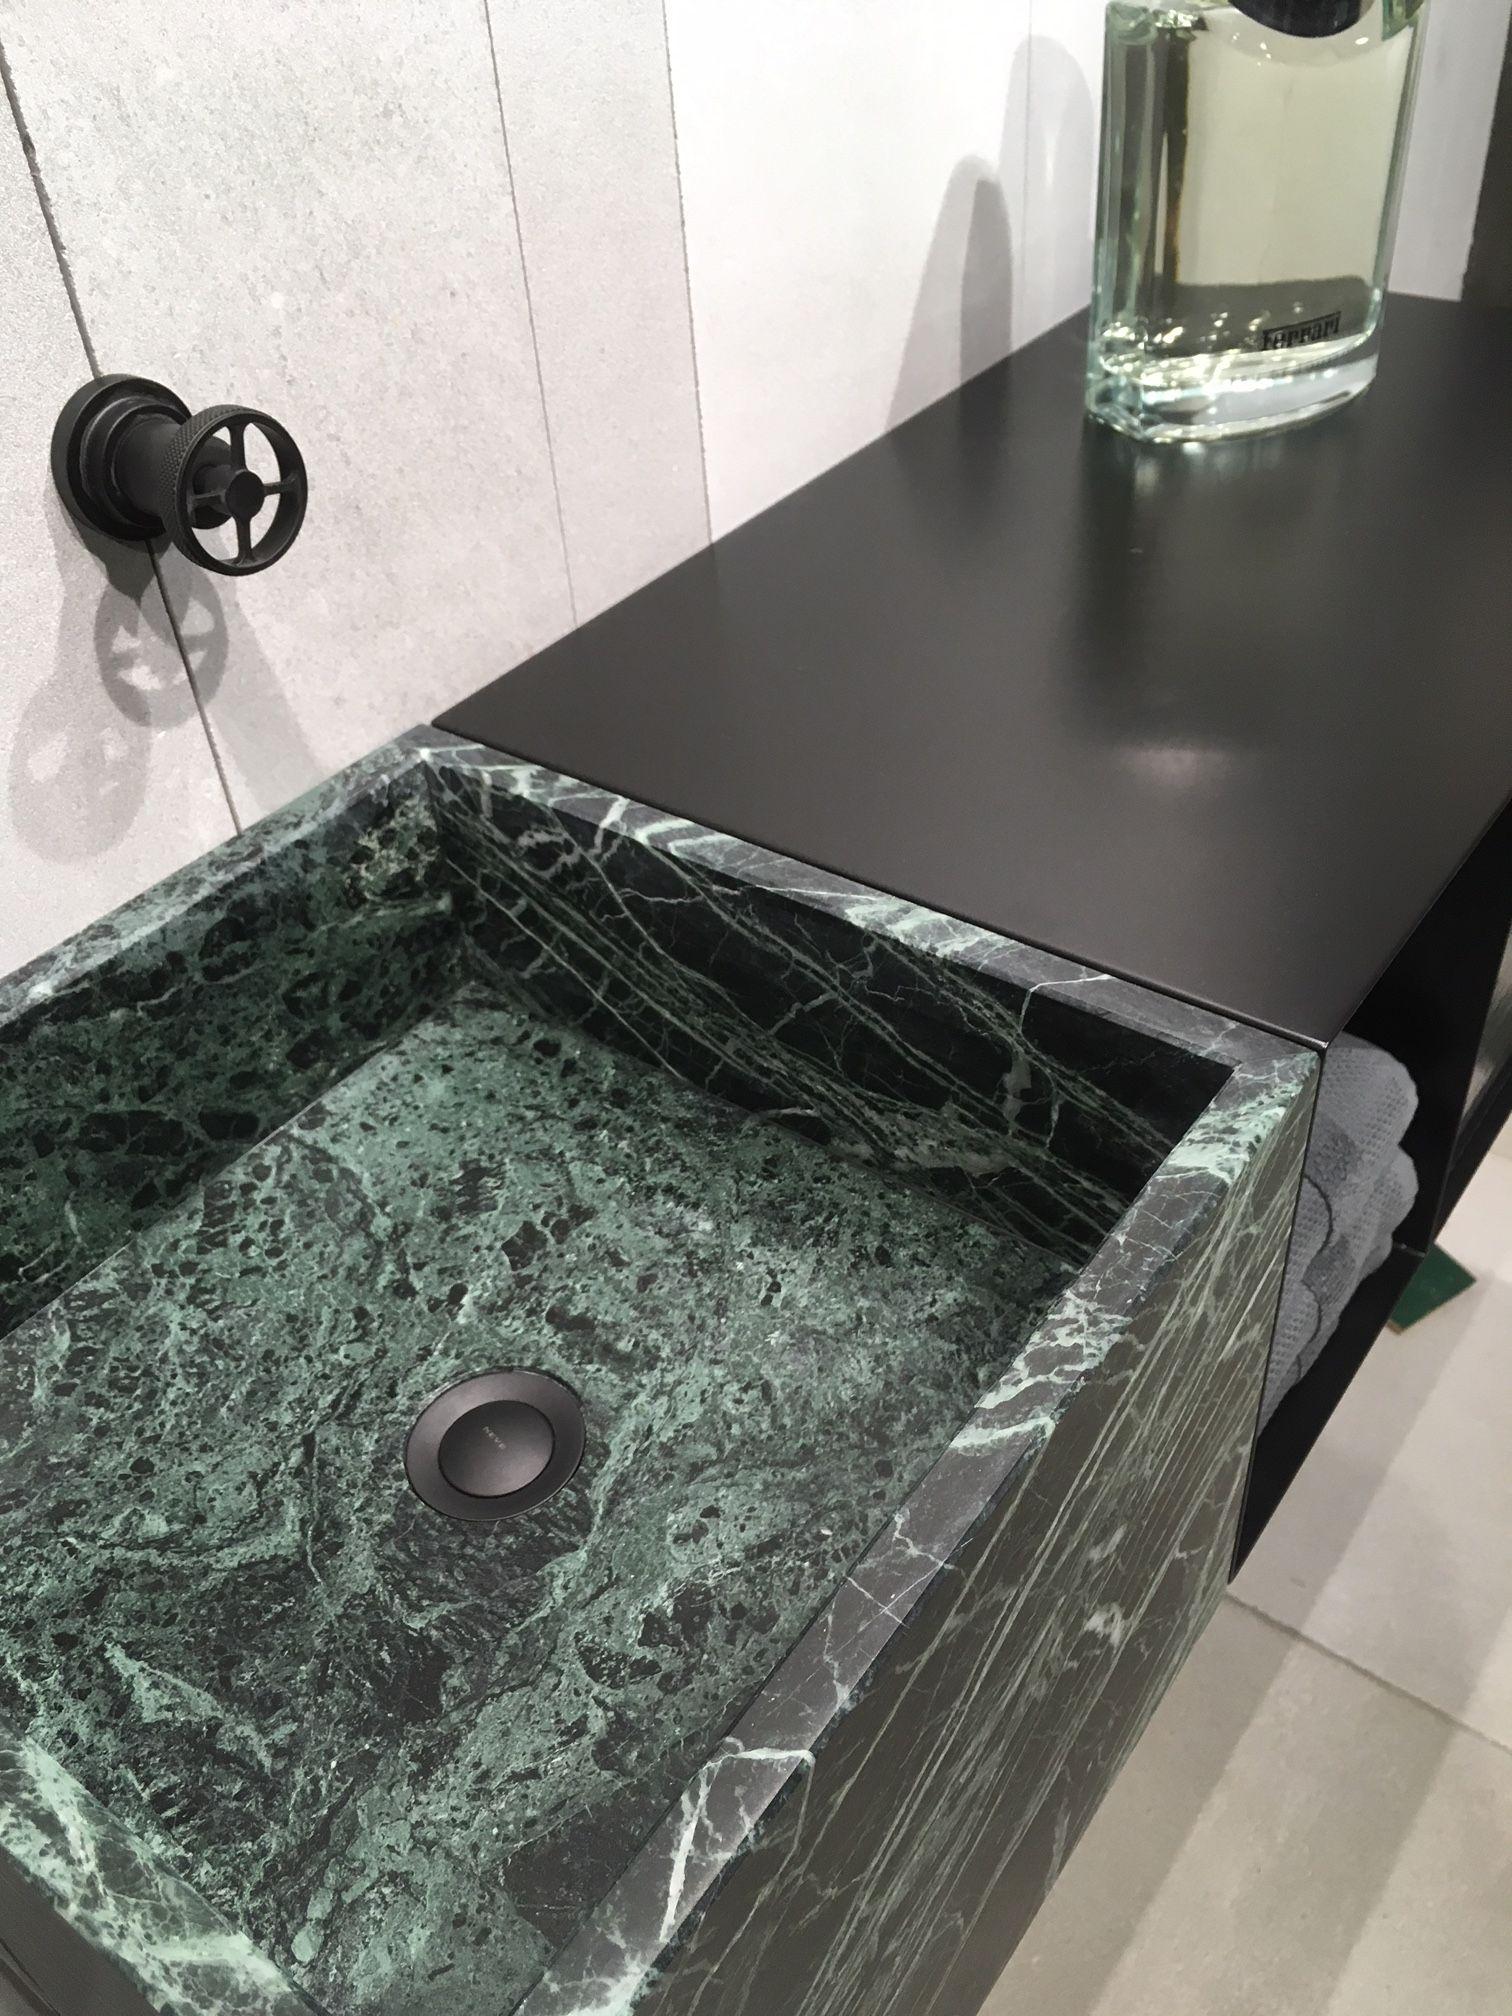 42+ Vasque marbre salle de bain ideas in 2021